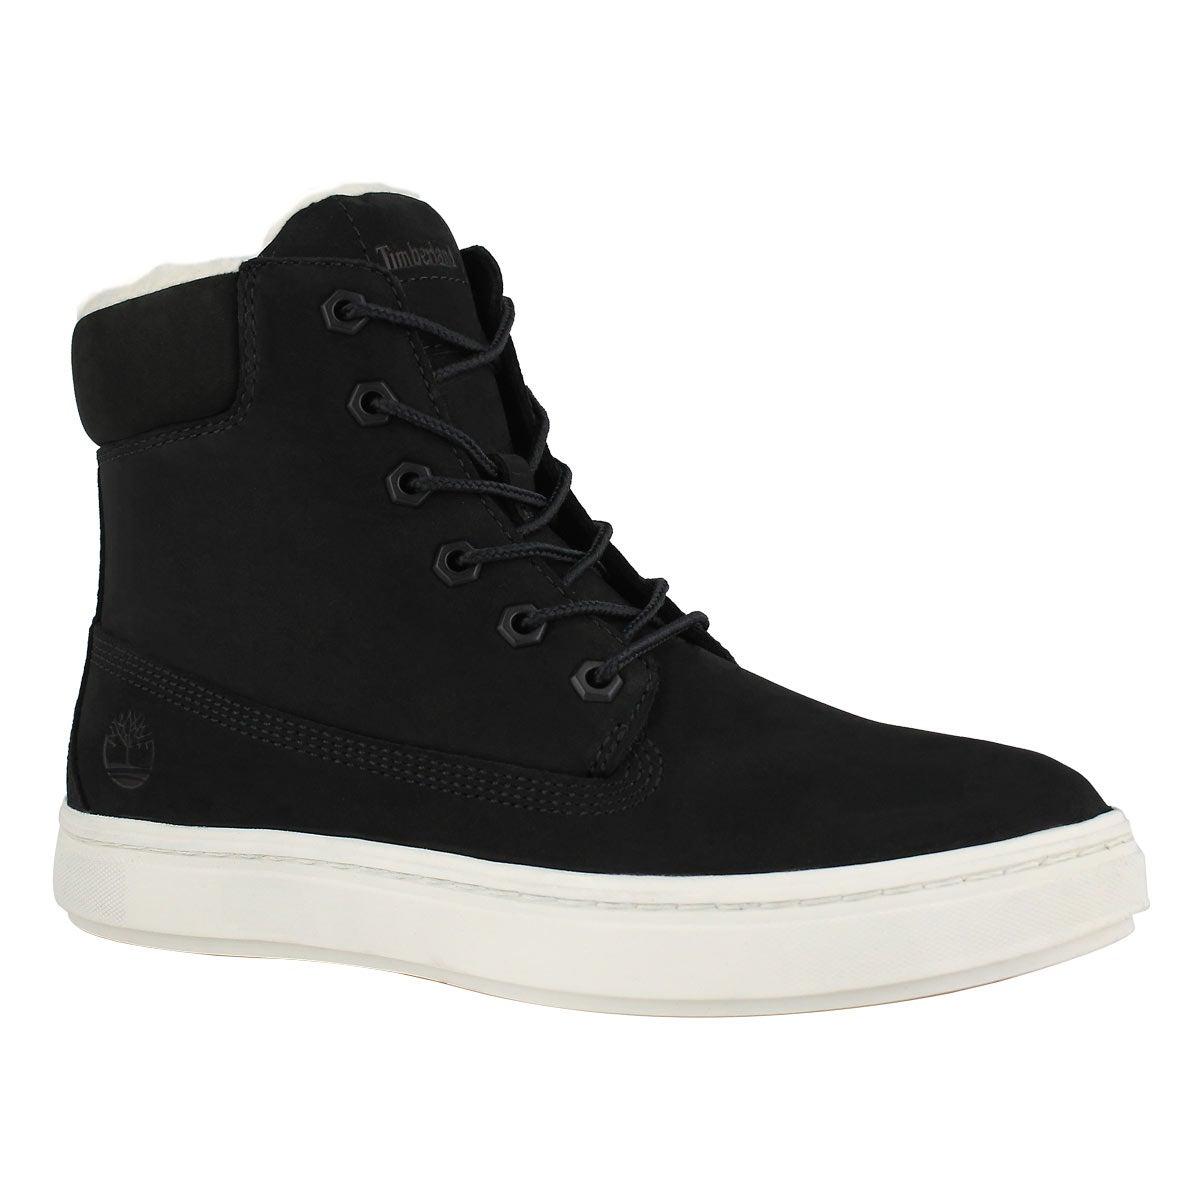 Lds Londyn Warm Lined black 6